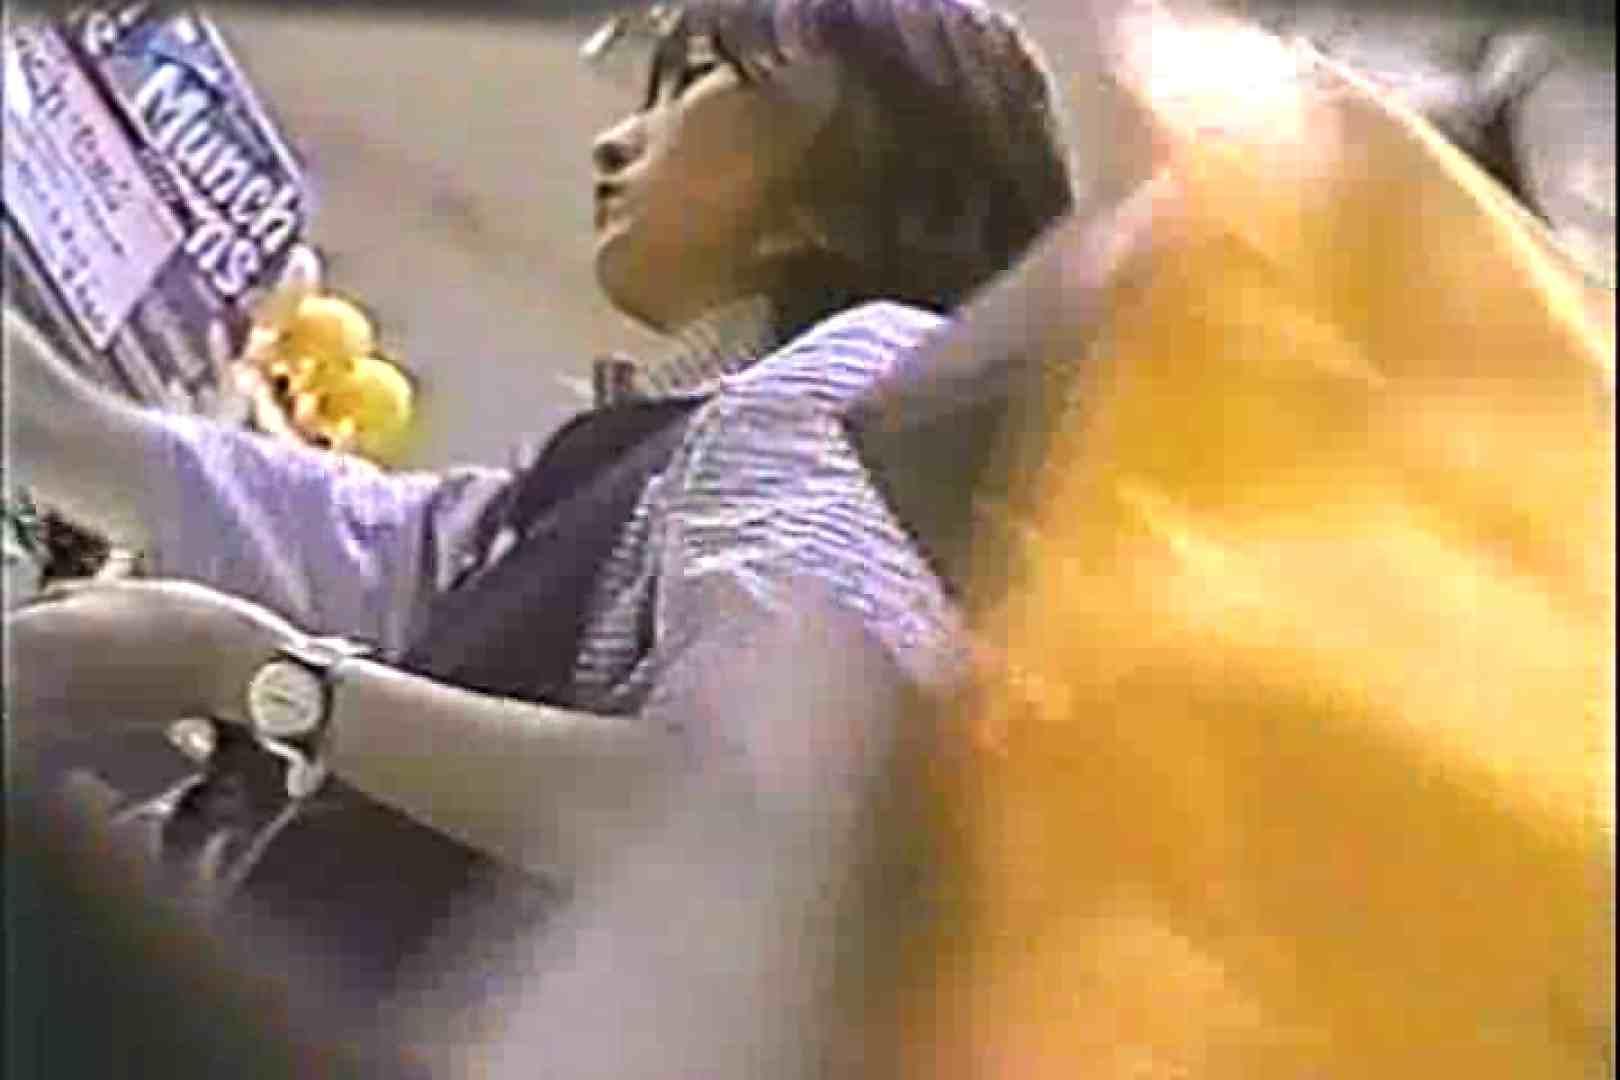 「ちくりん」さんのオリジナル未編集パンチラVol.3_01 レースクイーン SEX無修正画像 101pic 59